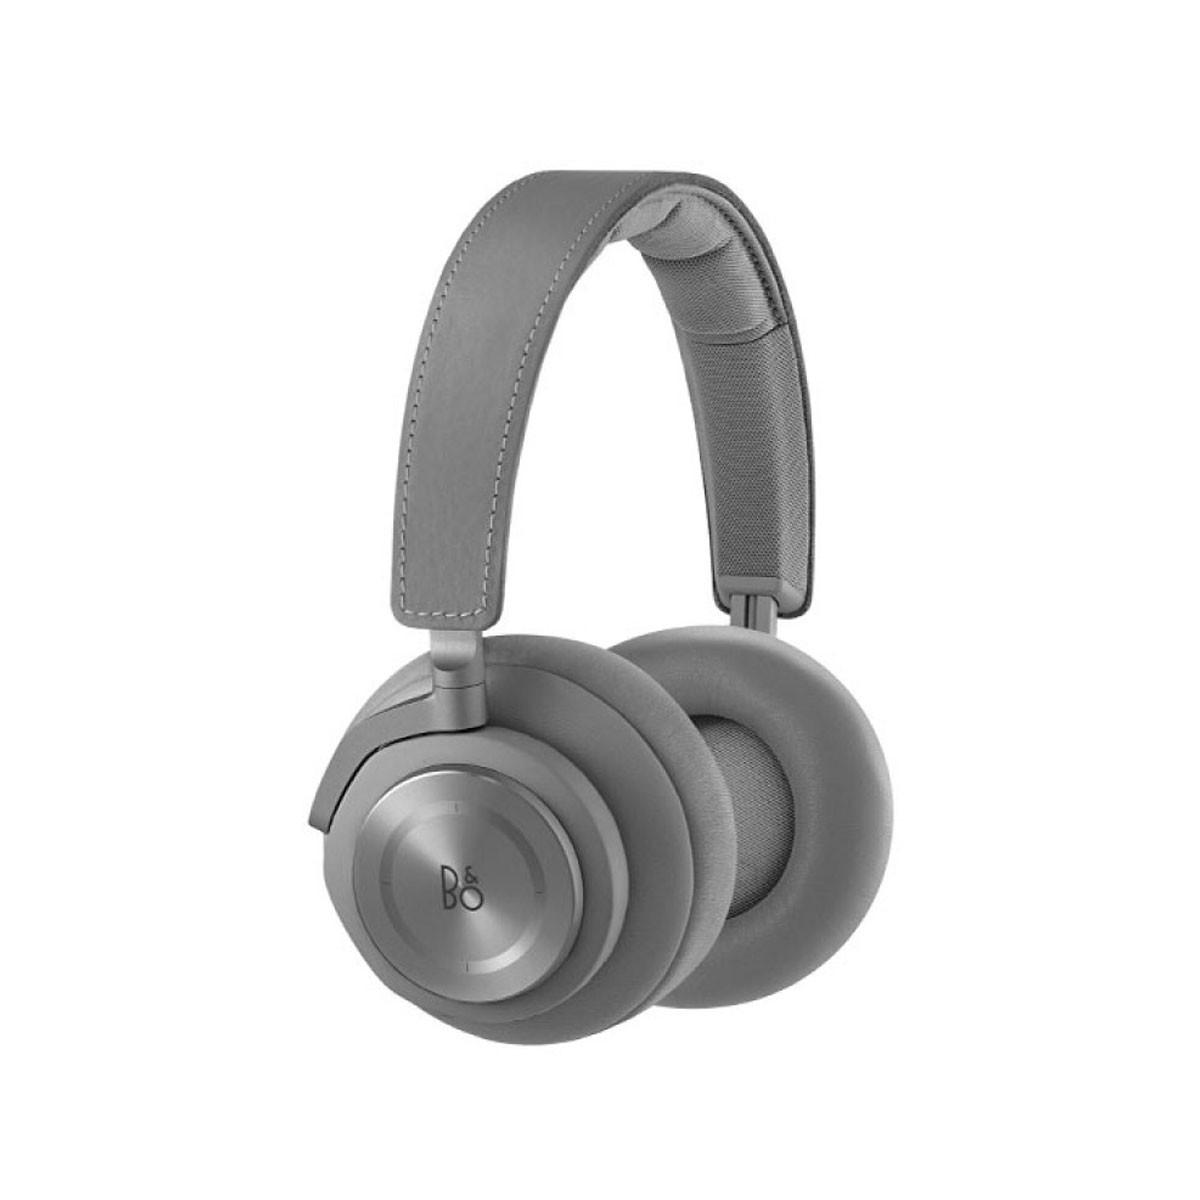 Beoplay H7 Over-Ear сиви безжични слушалки с рамка и наушници, обхващащи ухото